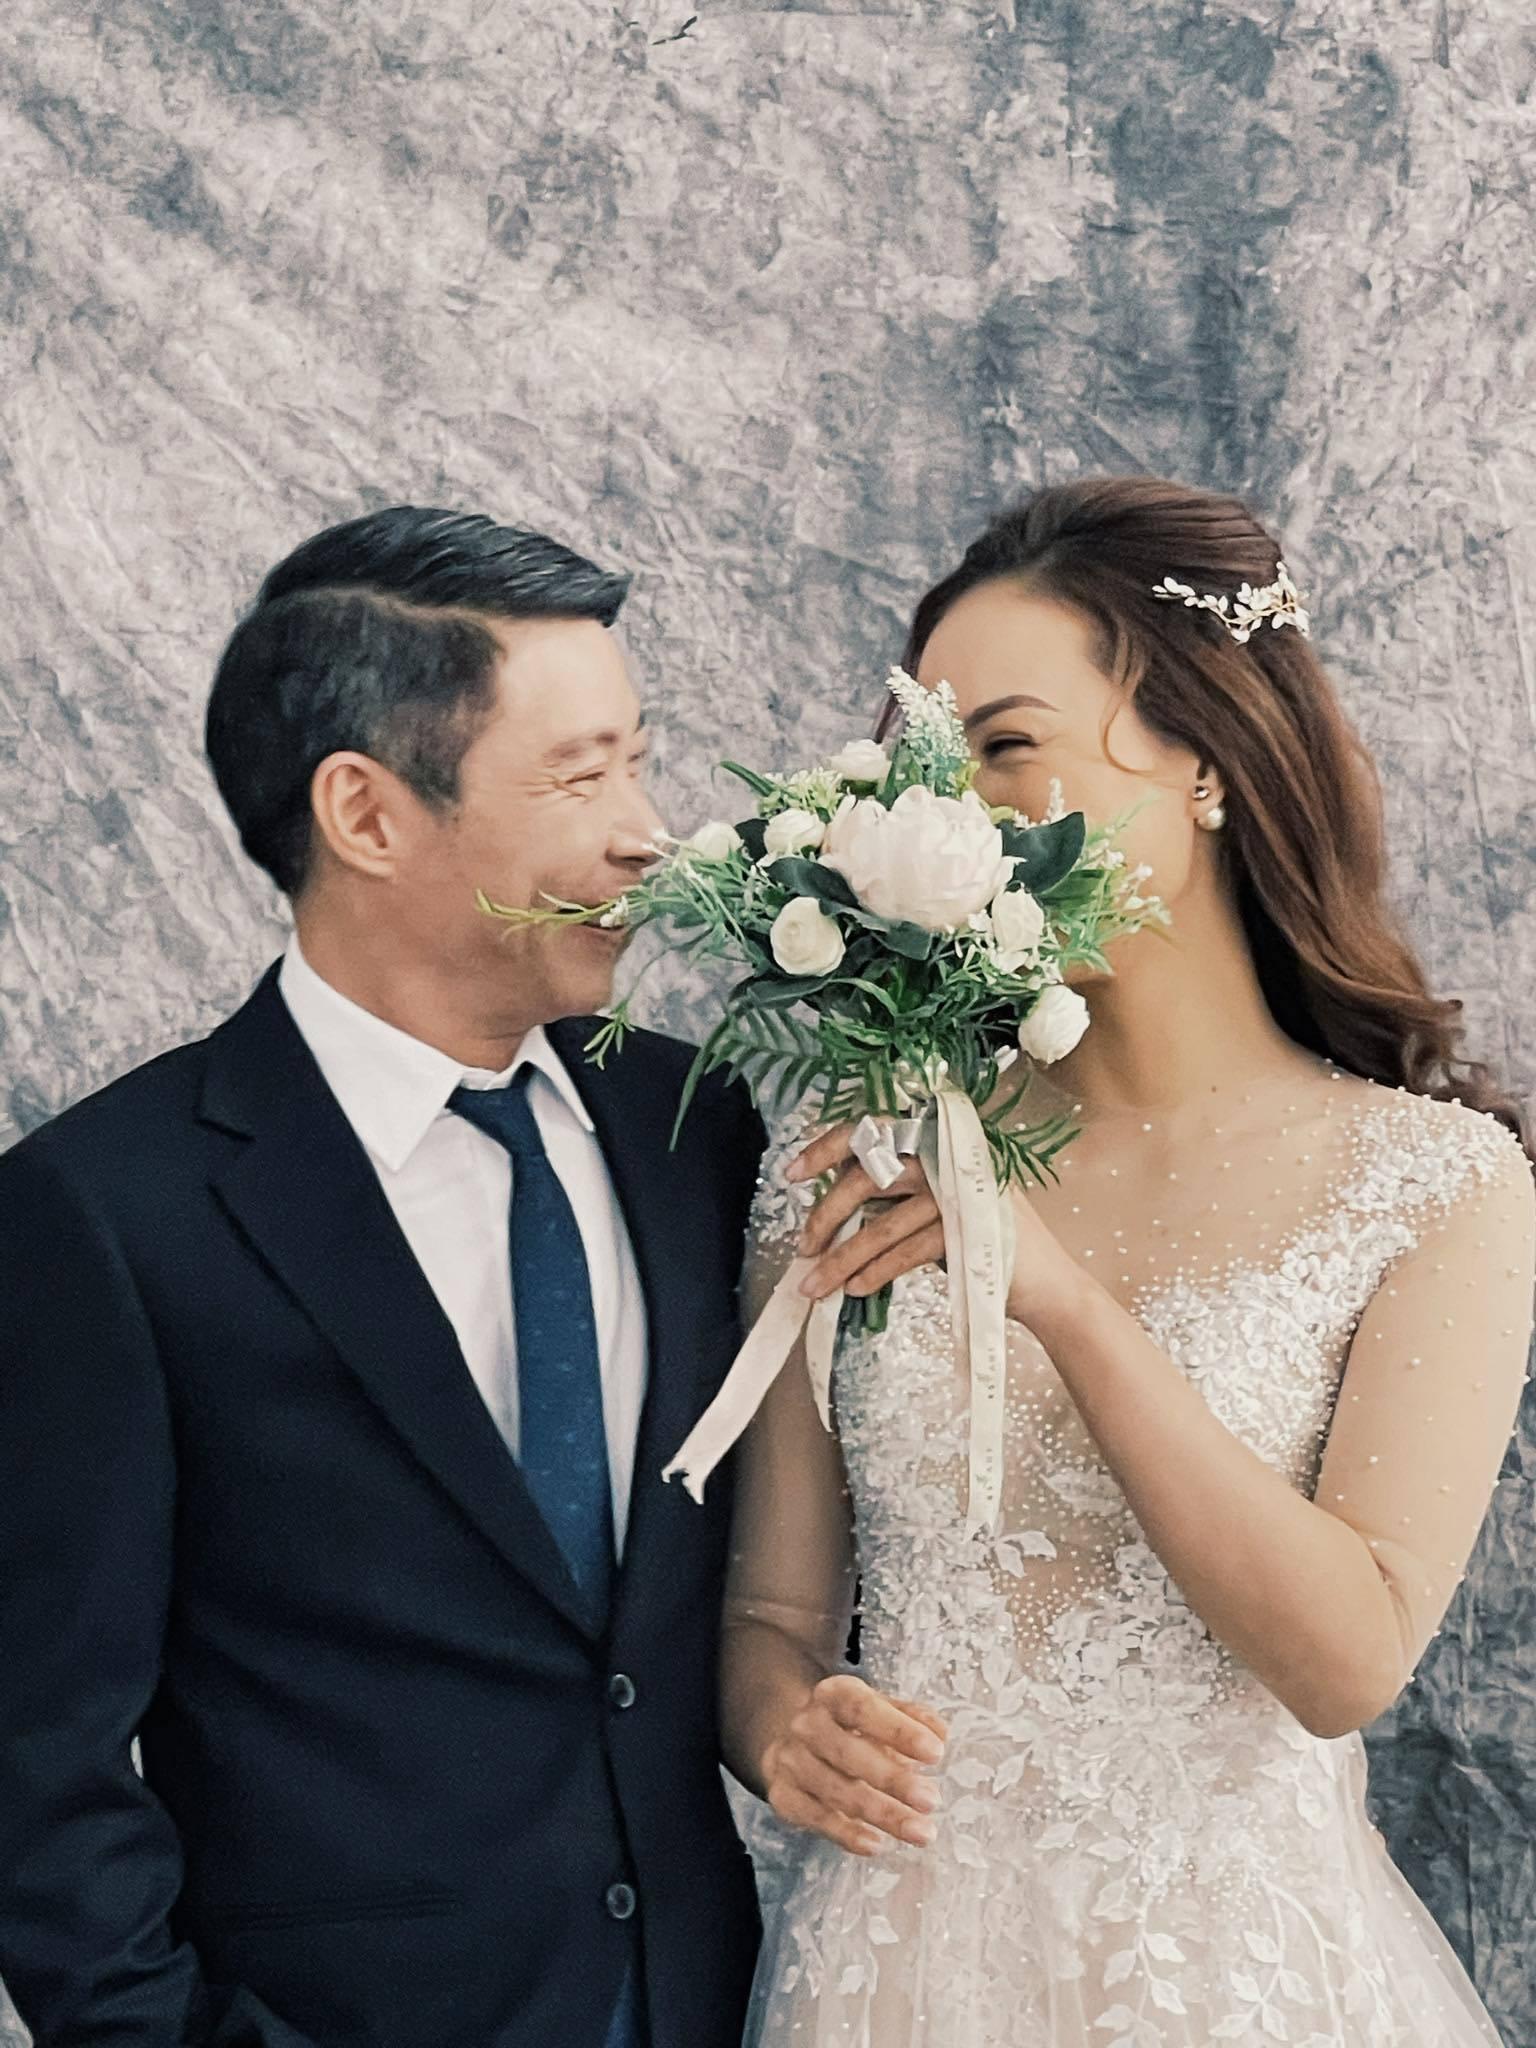 Hé lộ dàn nghệ sĩ nổi tiếng sẽ dự đám cưới NSND Công Lý